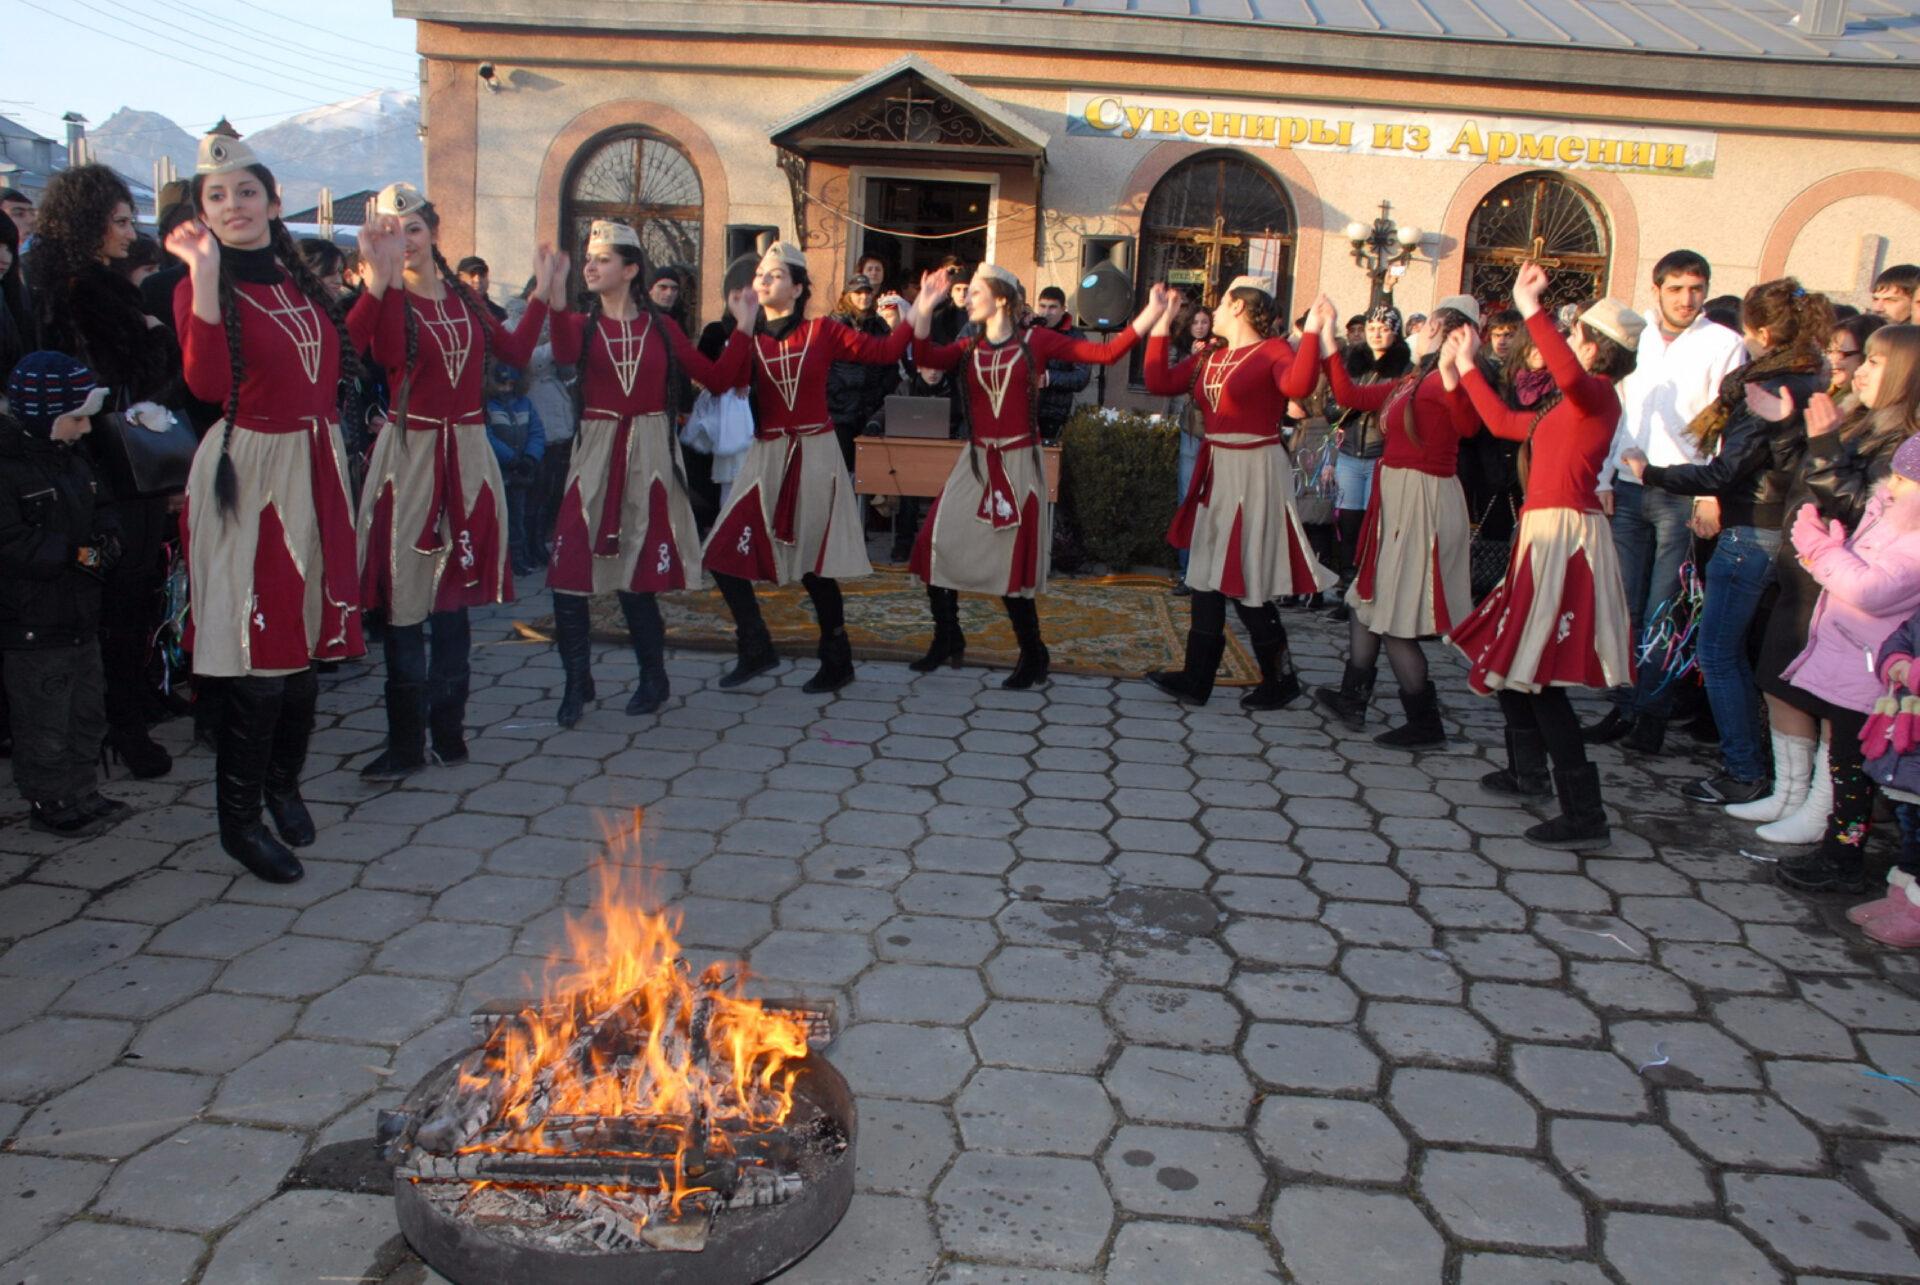 Армянская церковь трндезом отмечает канун сретенья - дня, в который младенца иисуса впервые после рождения внесли